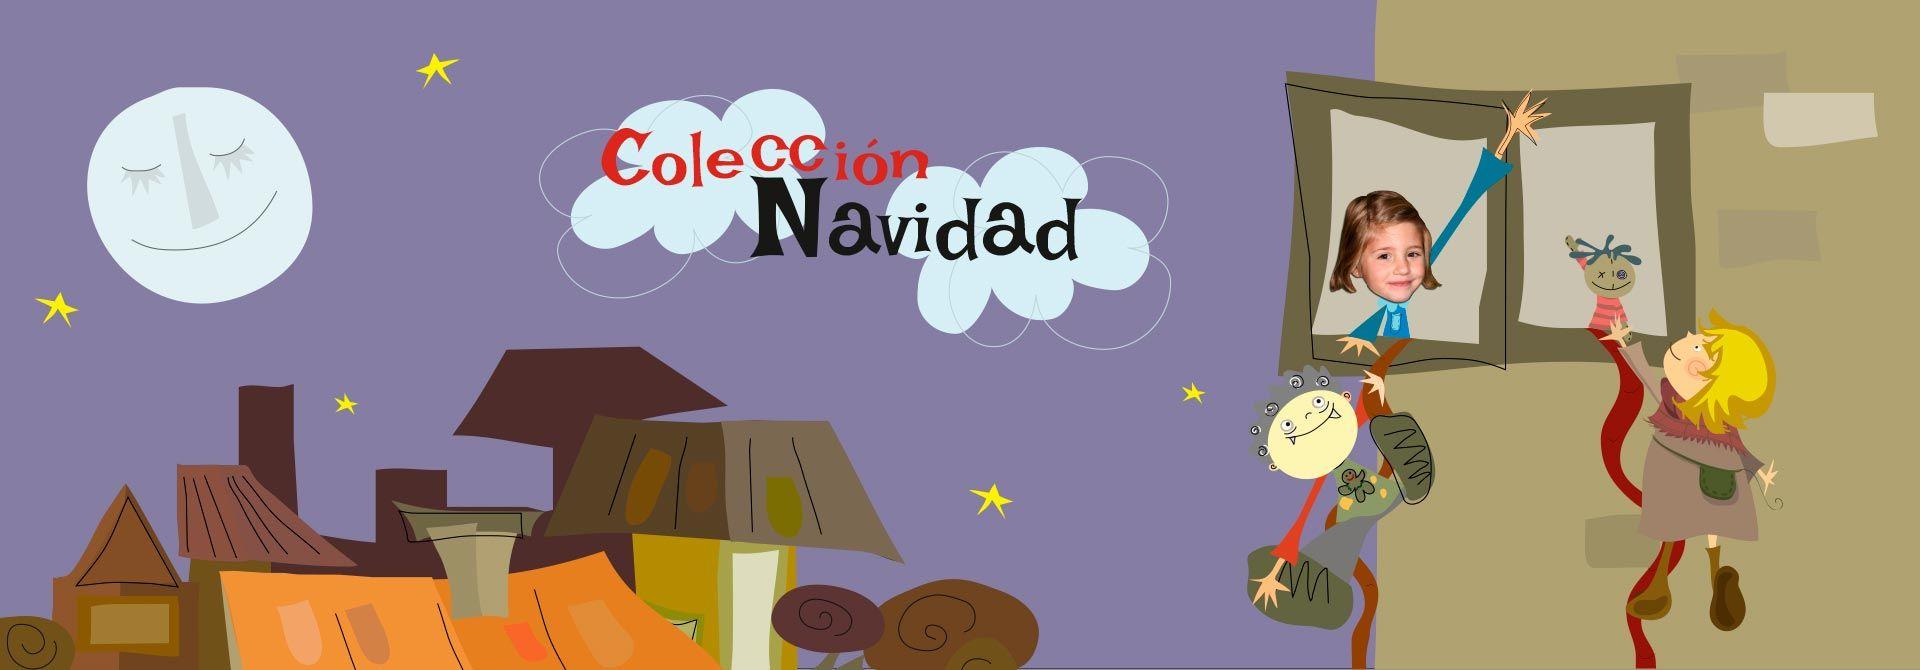 Colección cuentos Navidad - Encabezado del producto